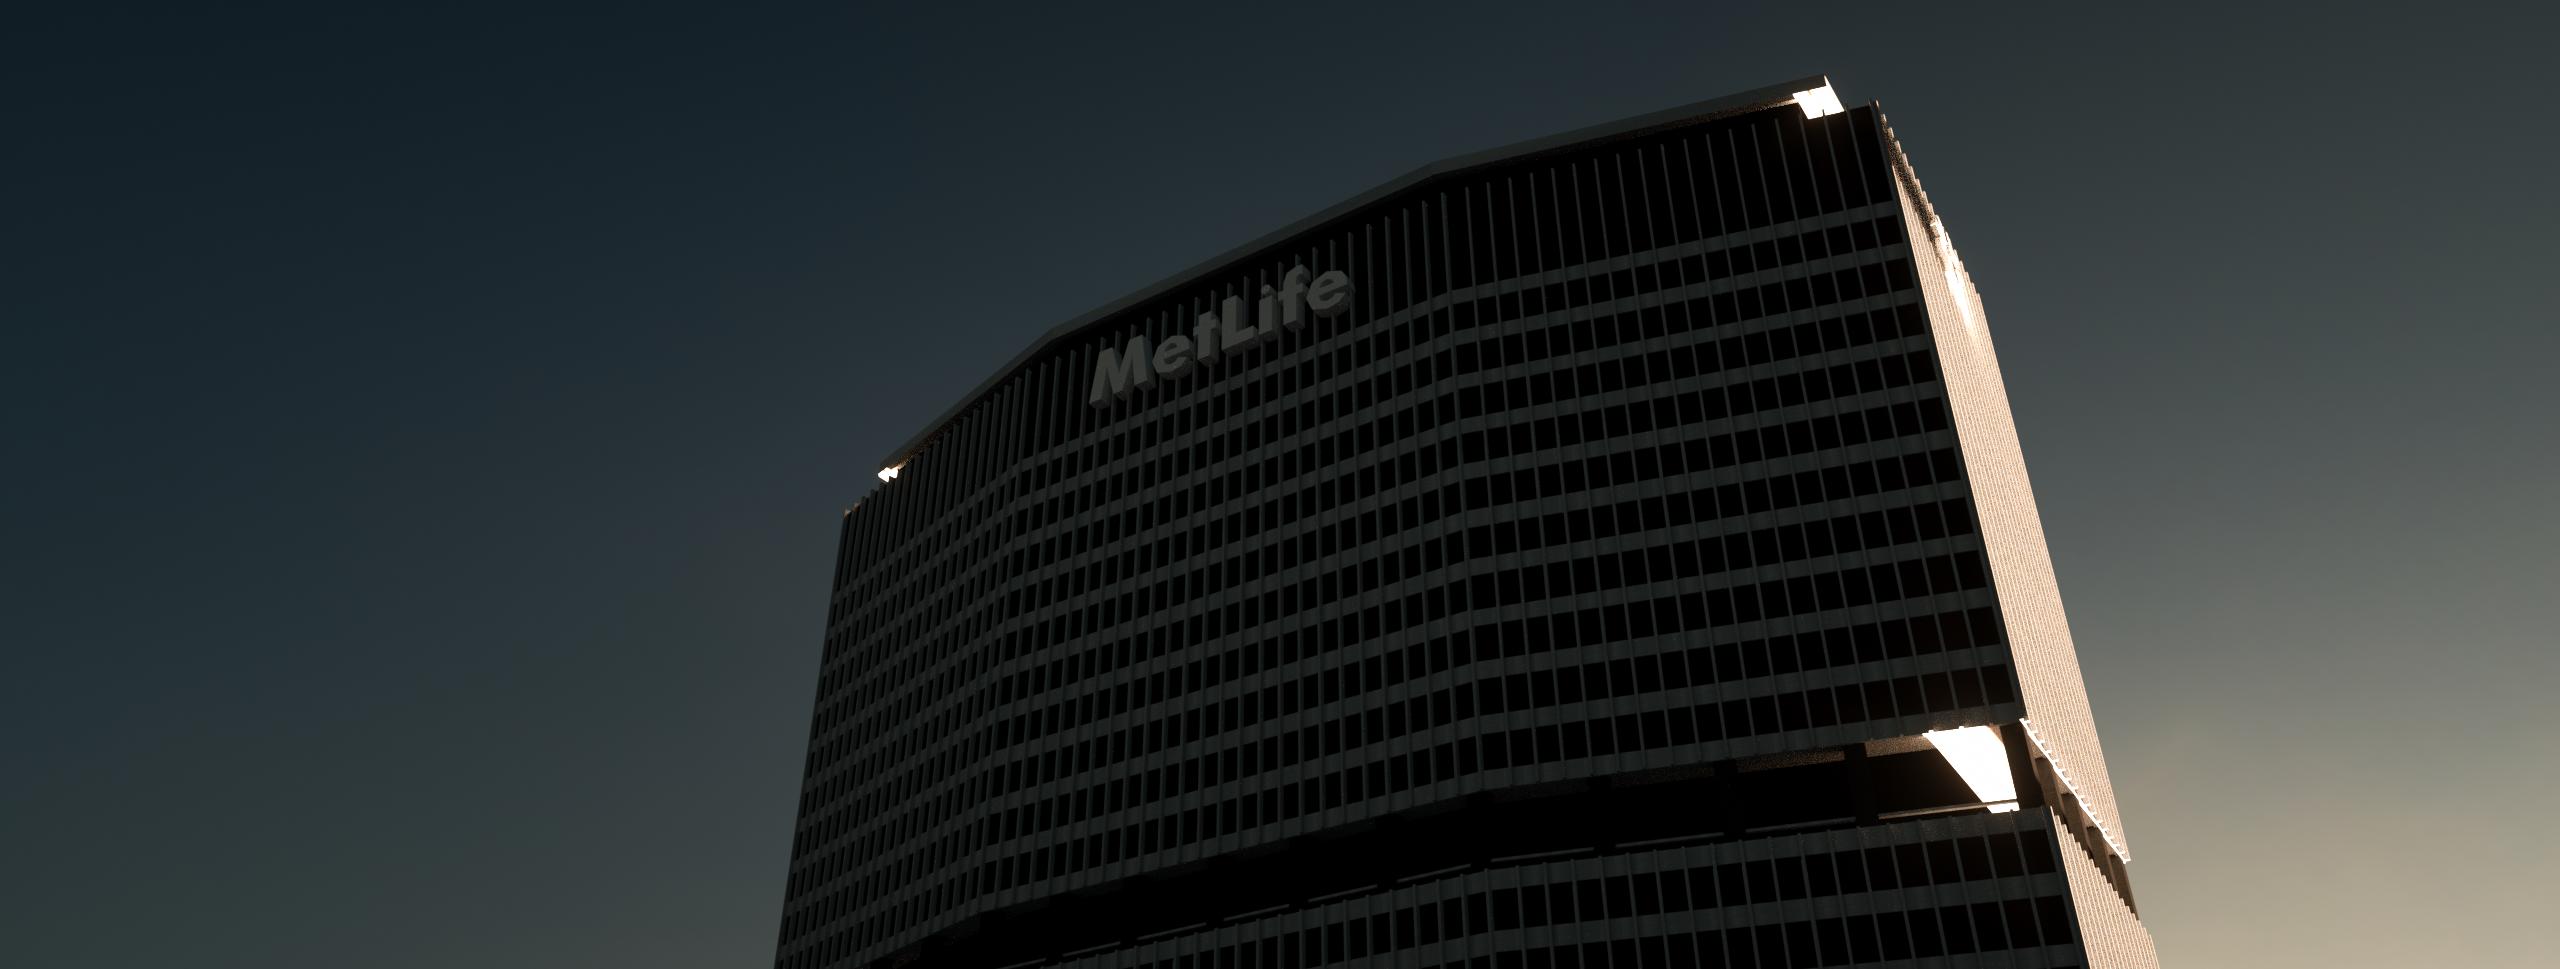 The MetLife Building